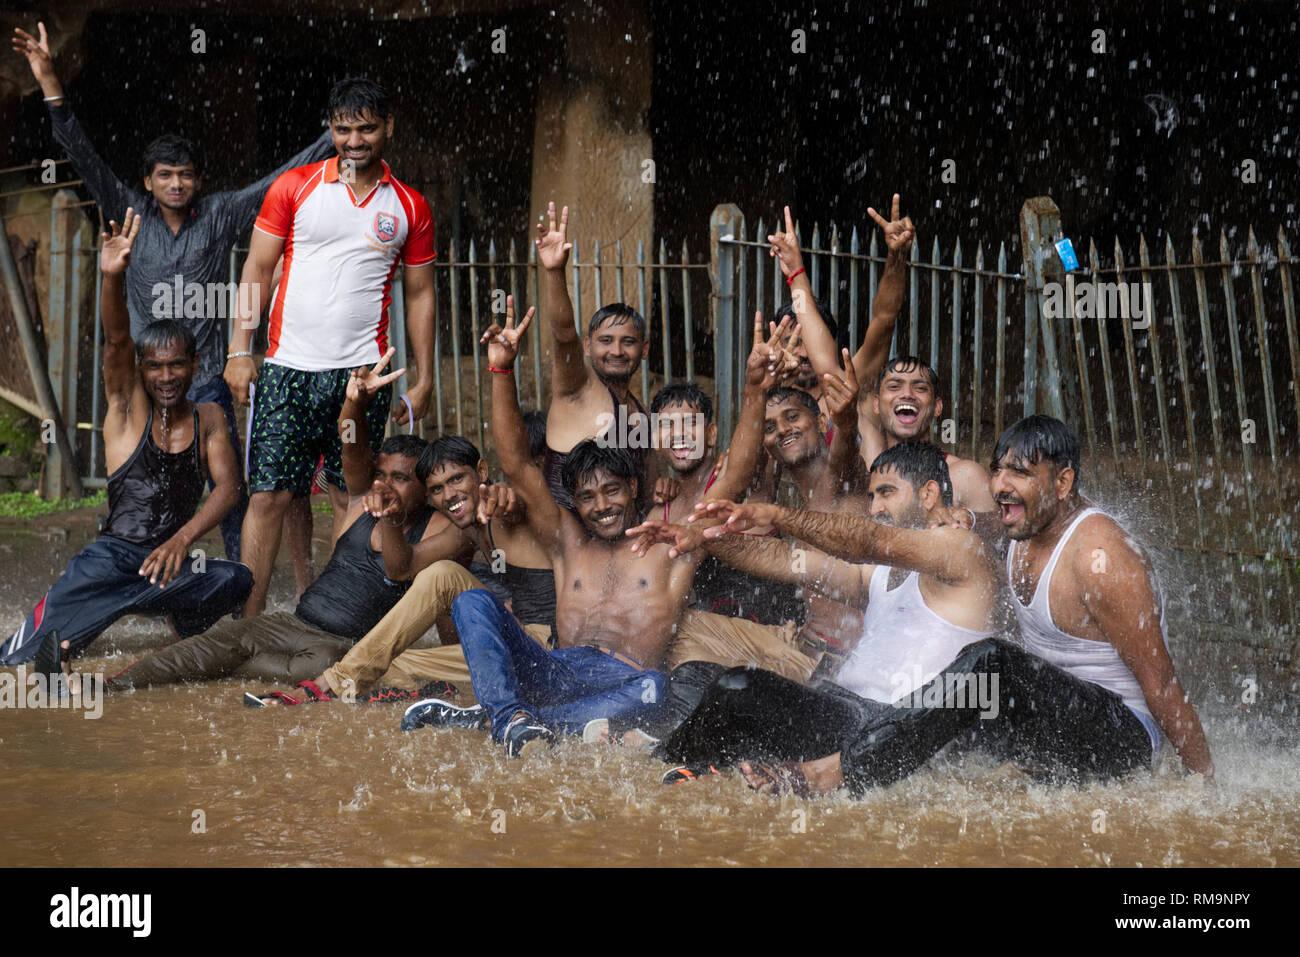 A joyous group enjoying Monsoon rainfall. Celebrating the climate of Mumbai. - Stock Image